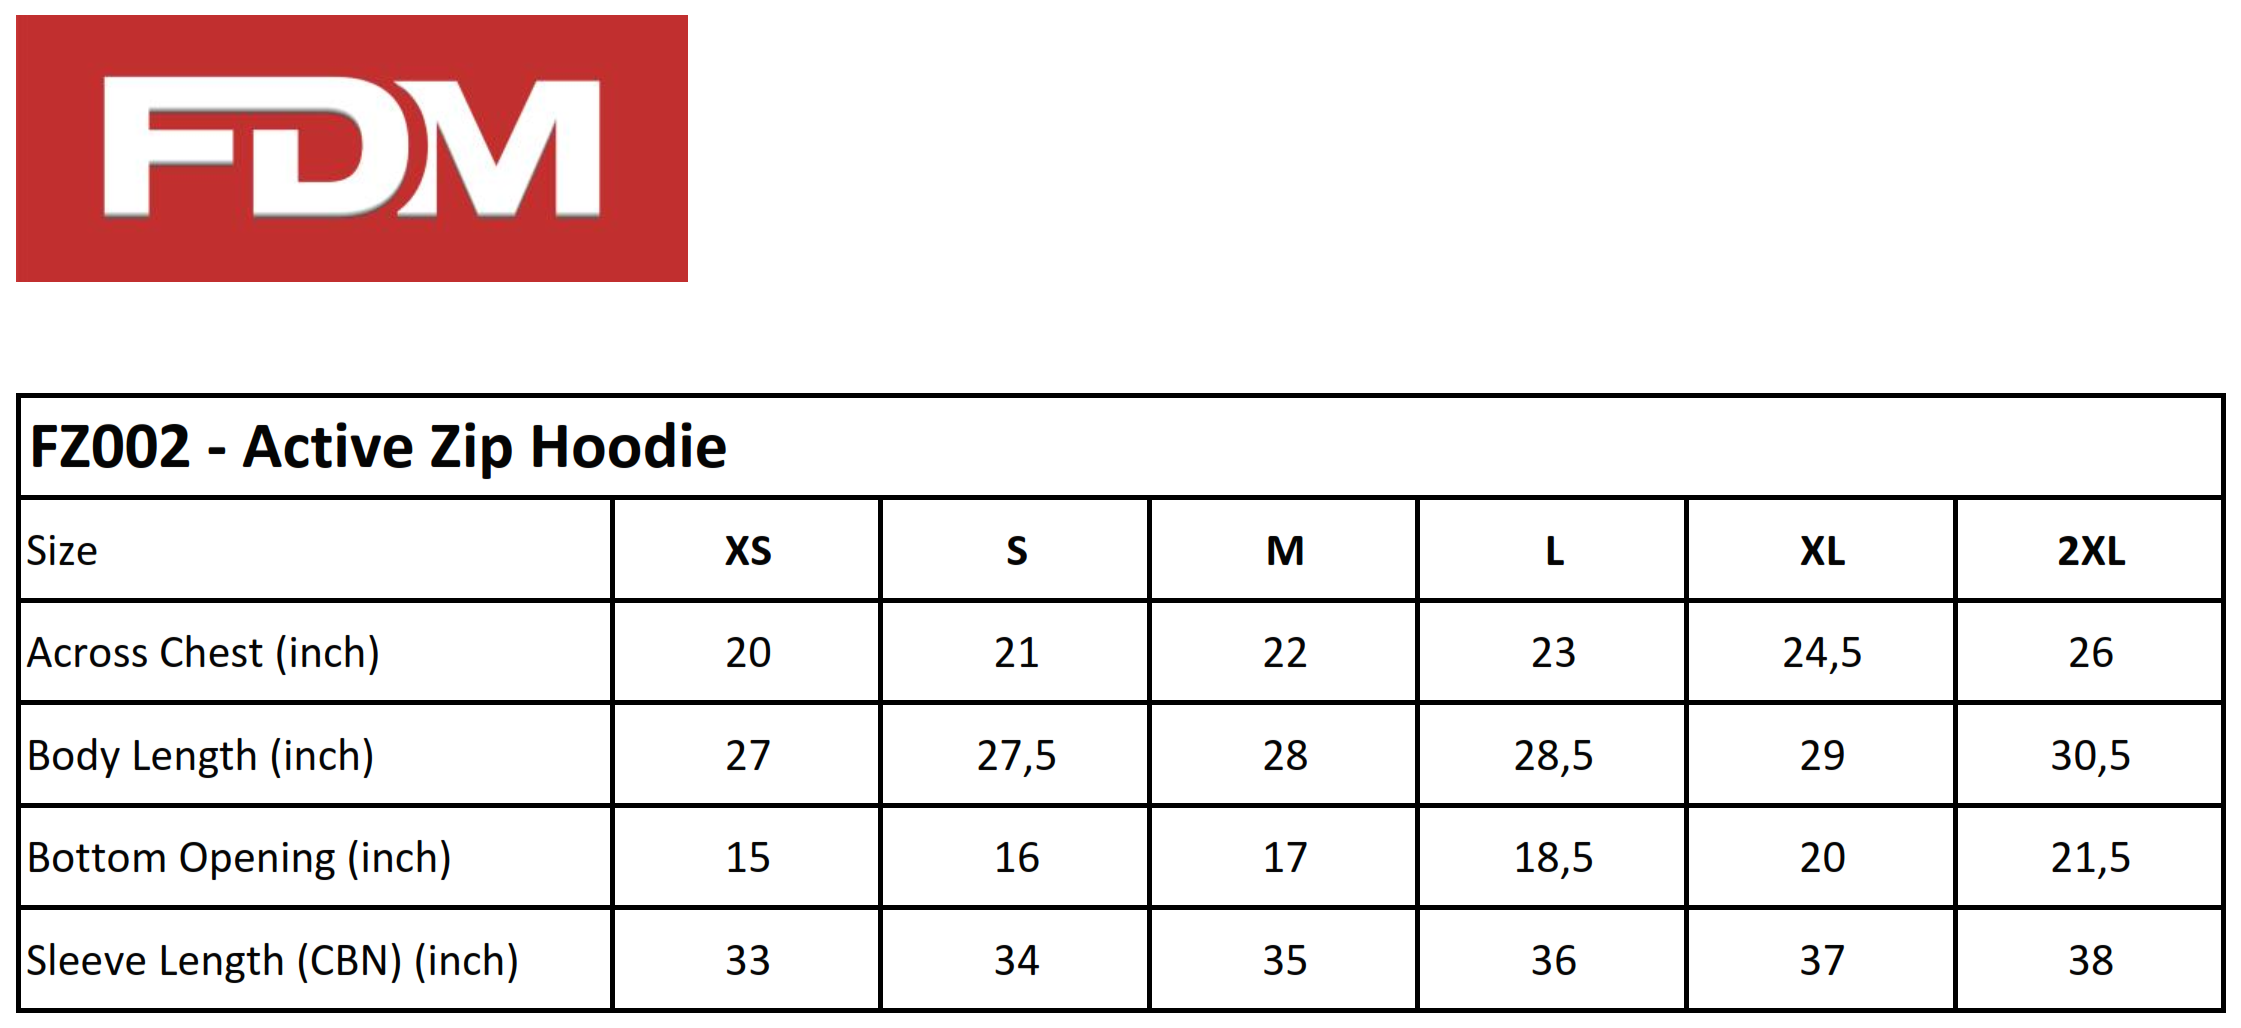 FDM: Active Zip Hoodie FZ002